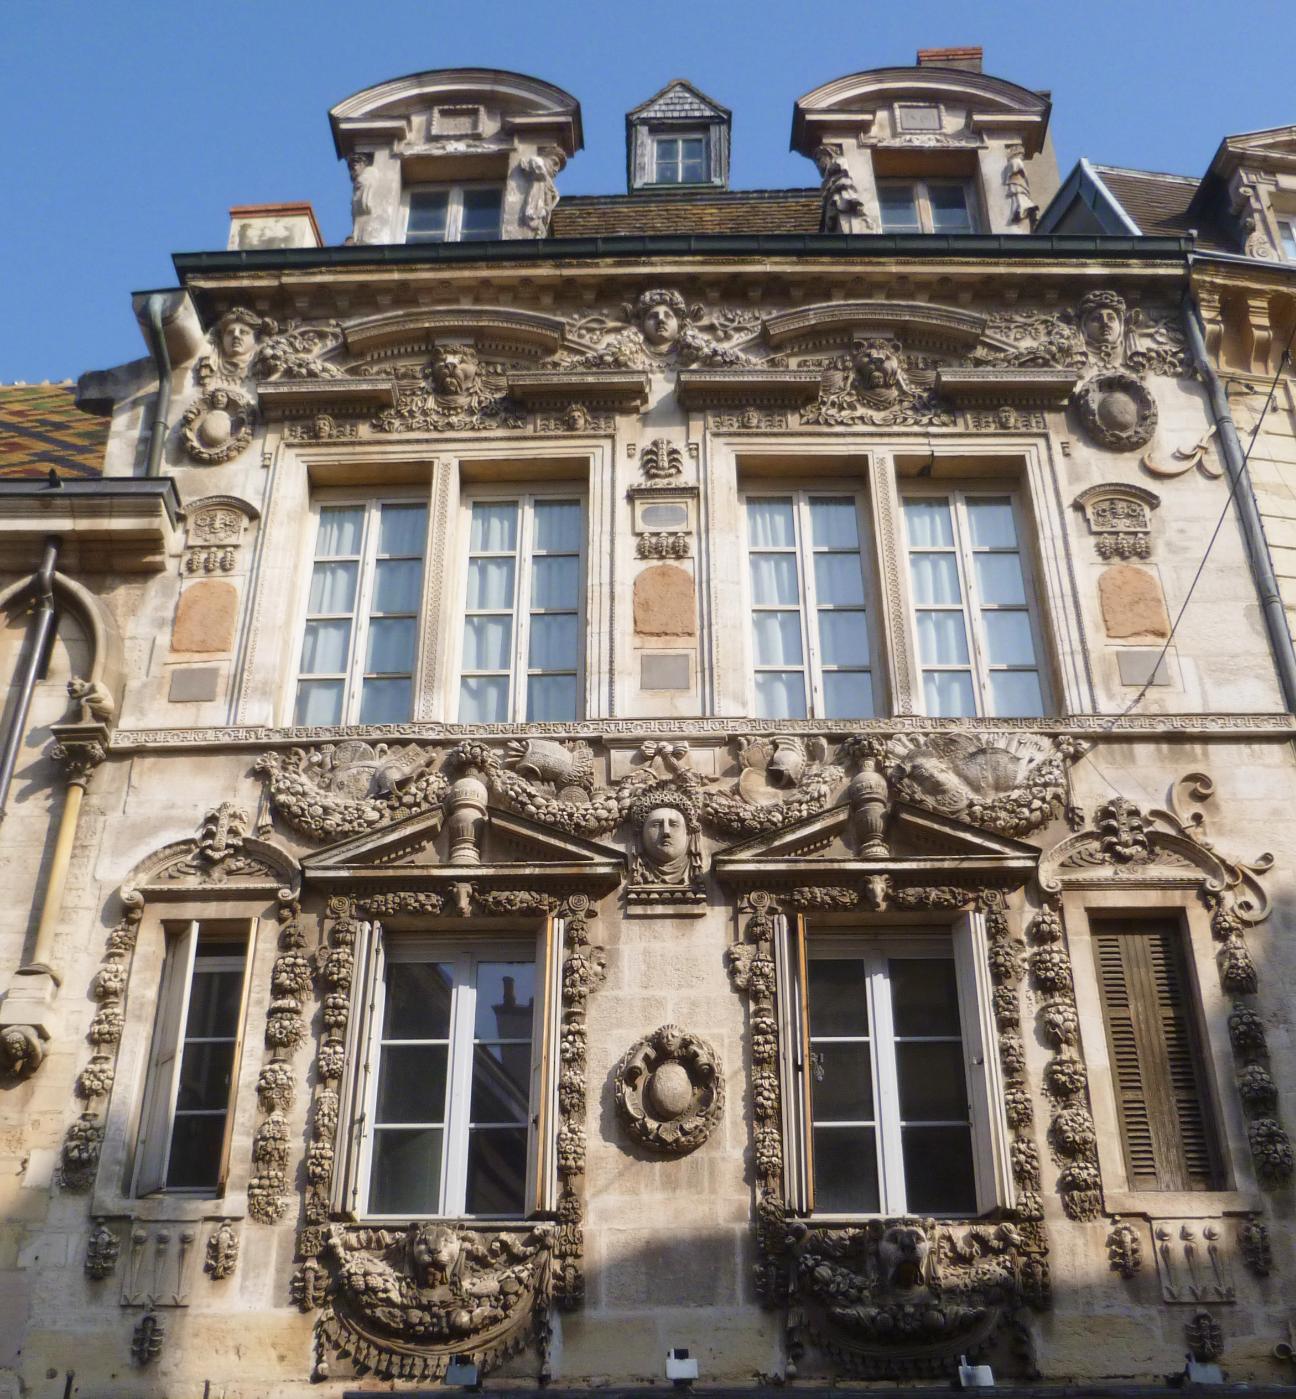 Maison_Milsand_Dijon_-_Photographie_de_C_Moreau_pour_Les_Visites_du_Jeune_Téméraire_edited